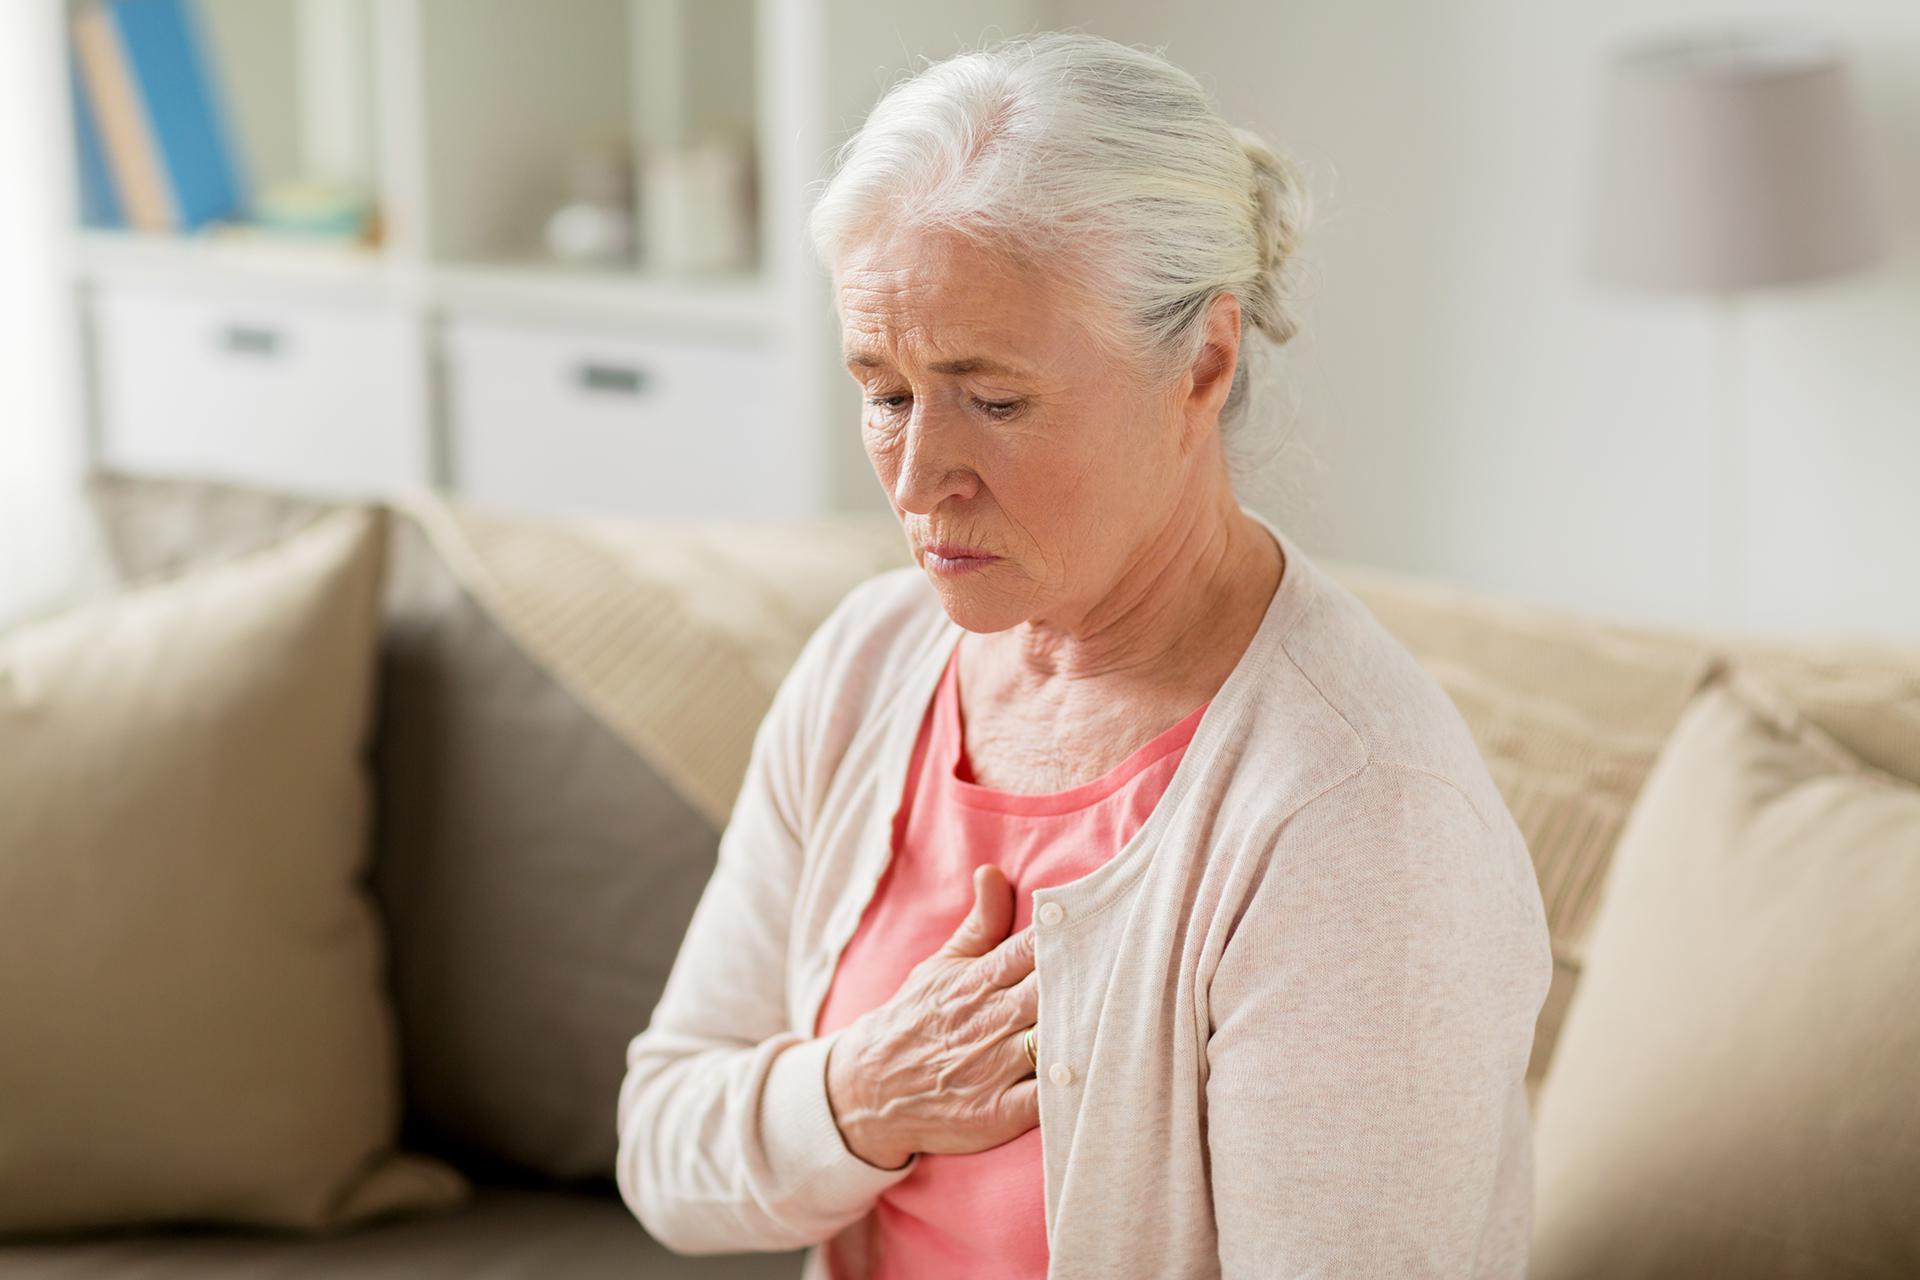 heart-patient-laguna-niguel